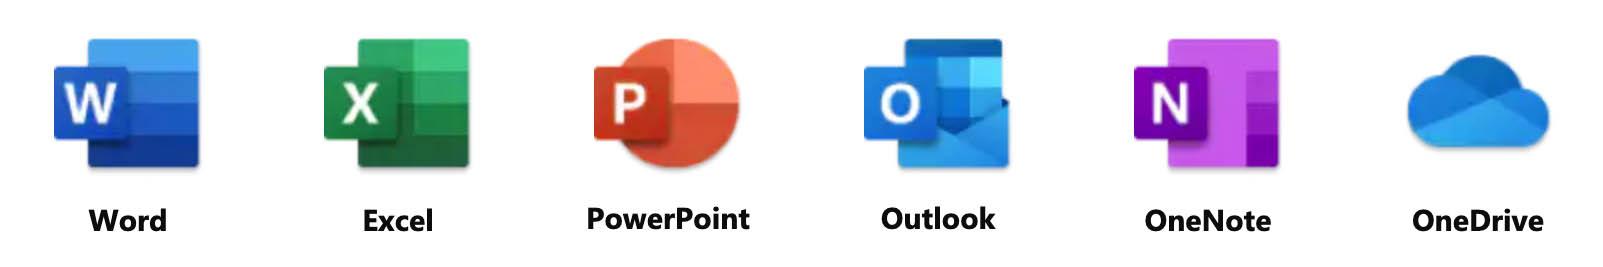 qué herramientas tiene Office 365